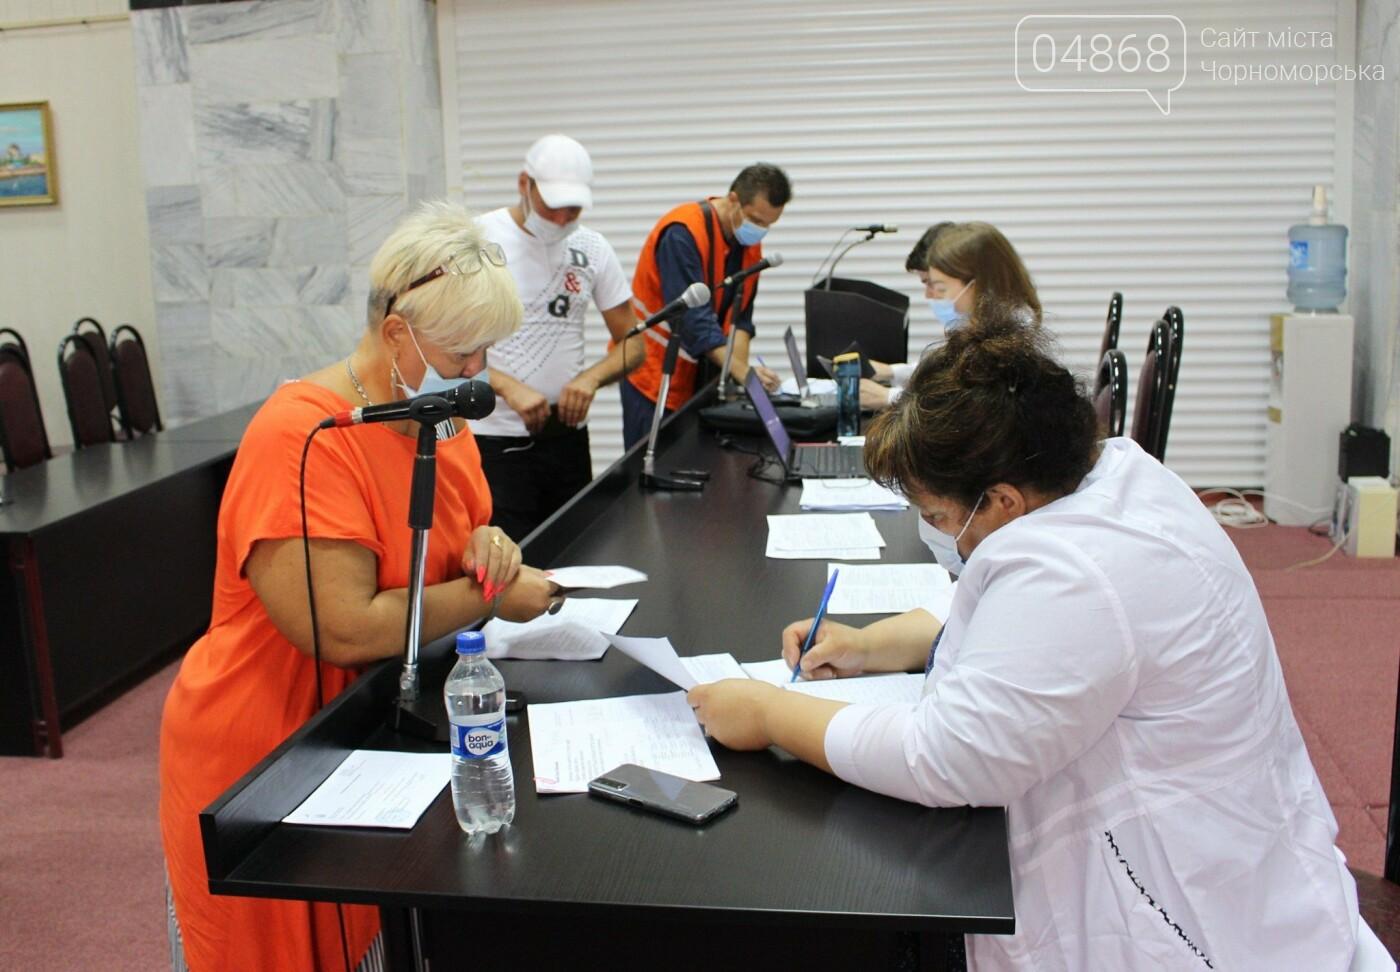 В Черноморске продолжается вакцинация работников Администрации морского порта, фото-6